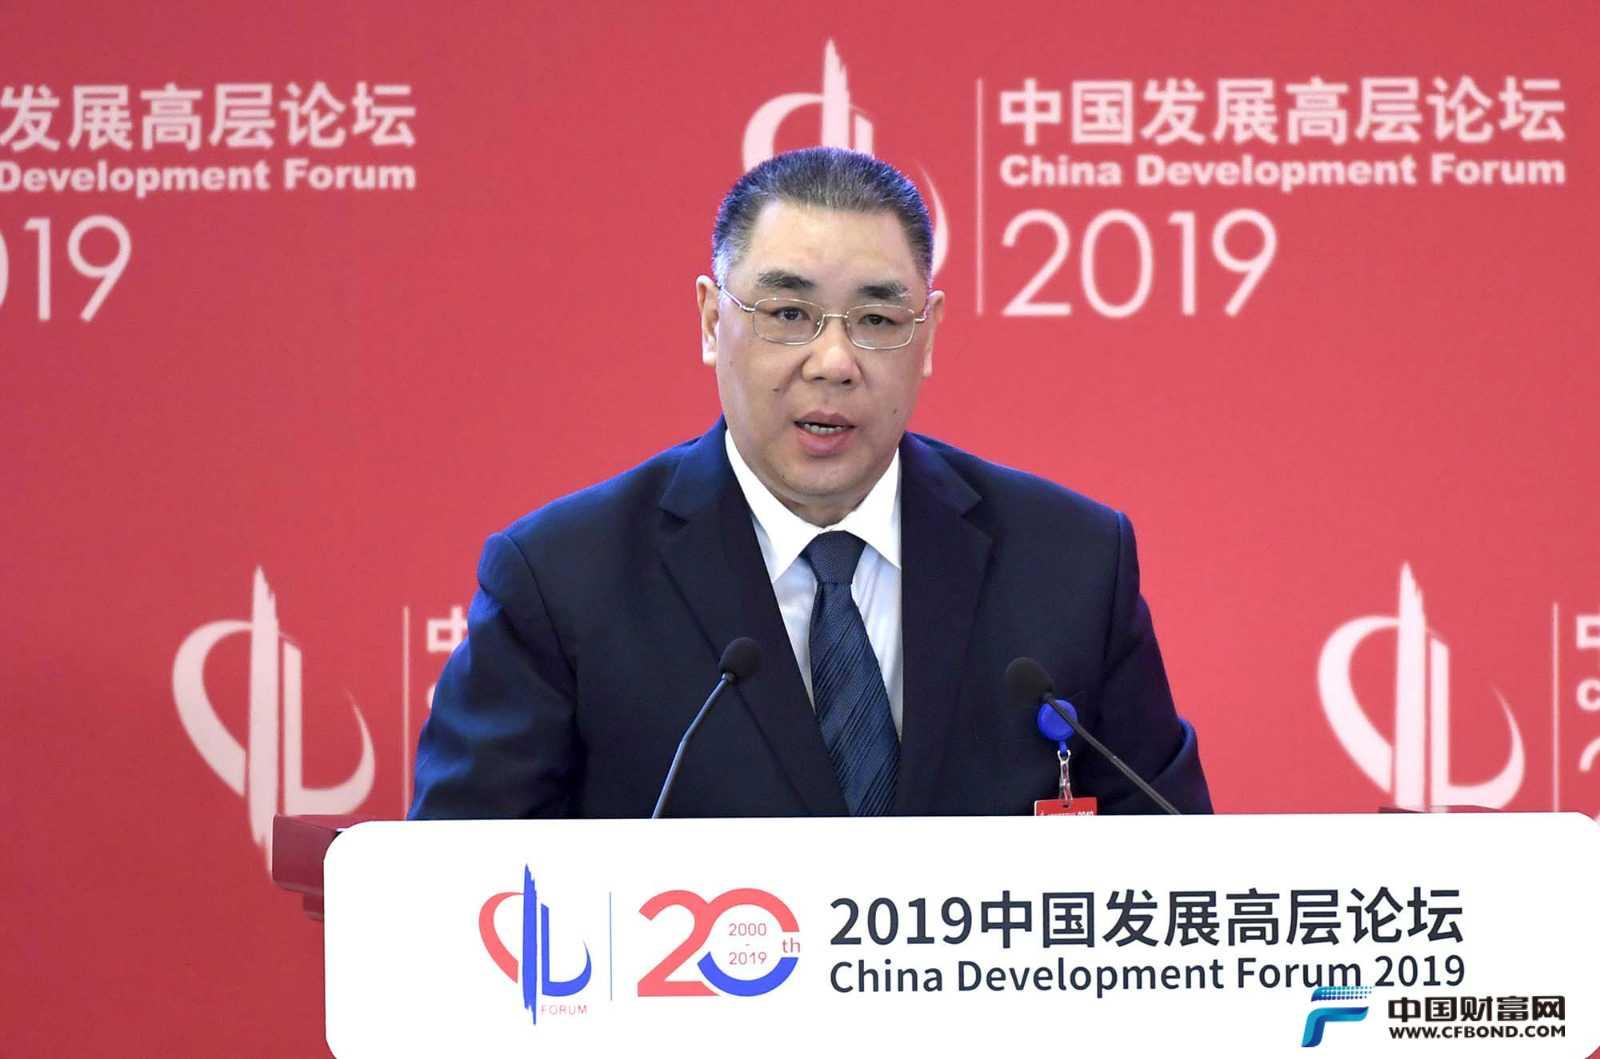 崔世安:大湾区建设将为粤港澳三地带来全新的发展机会